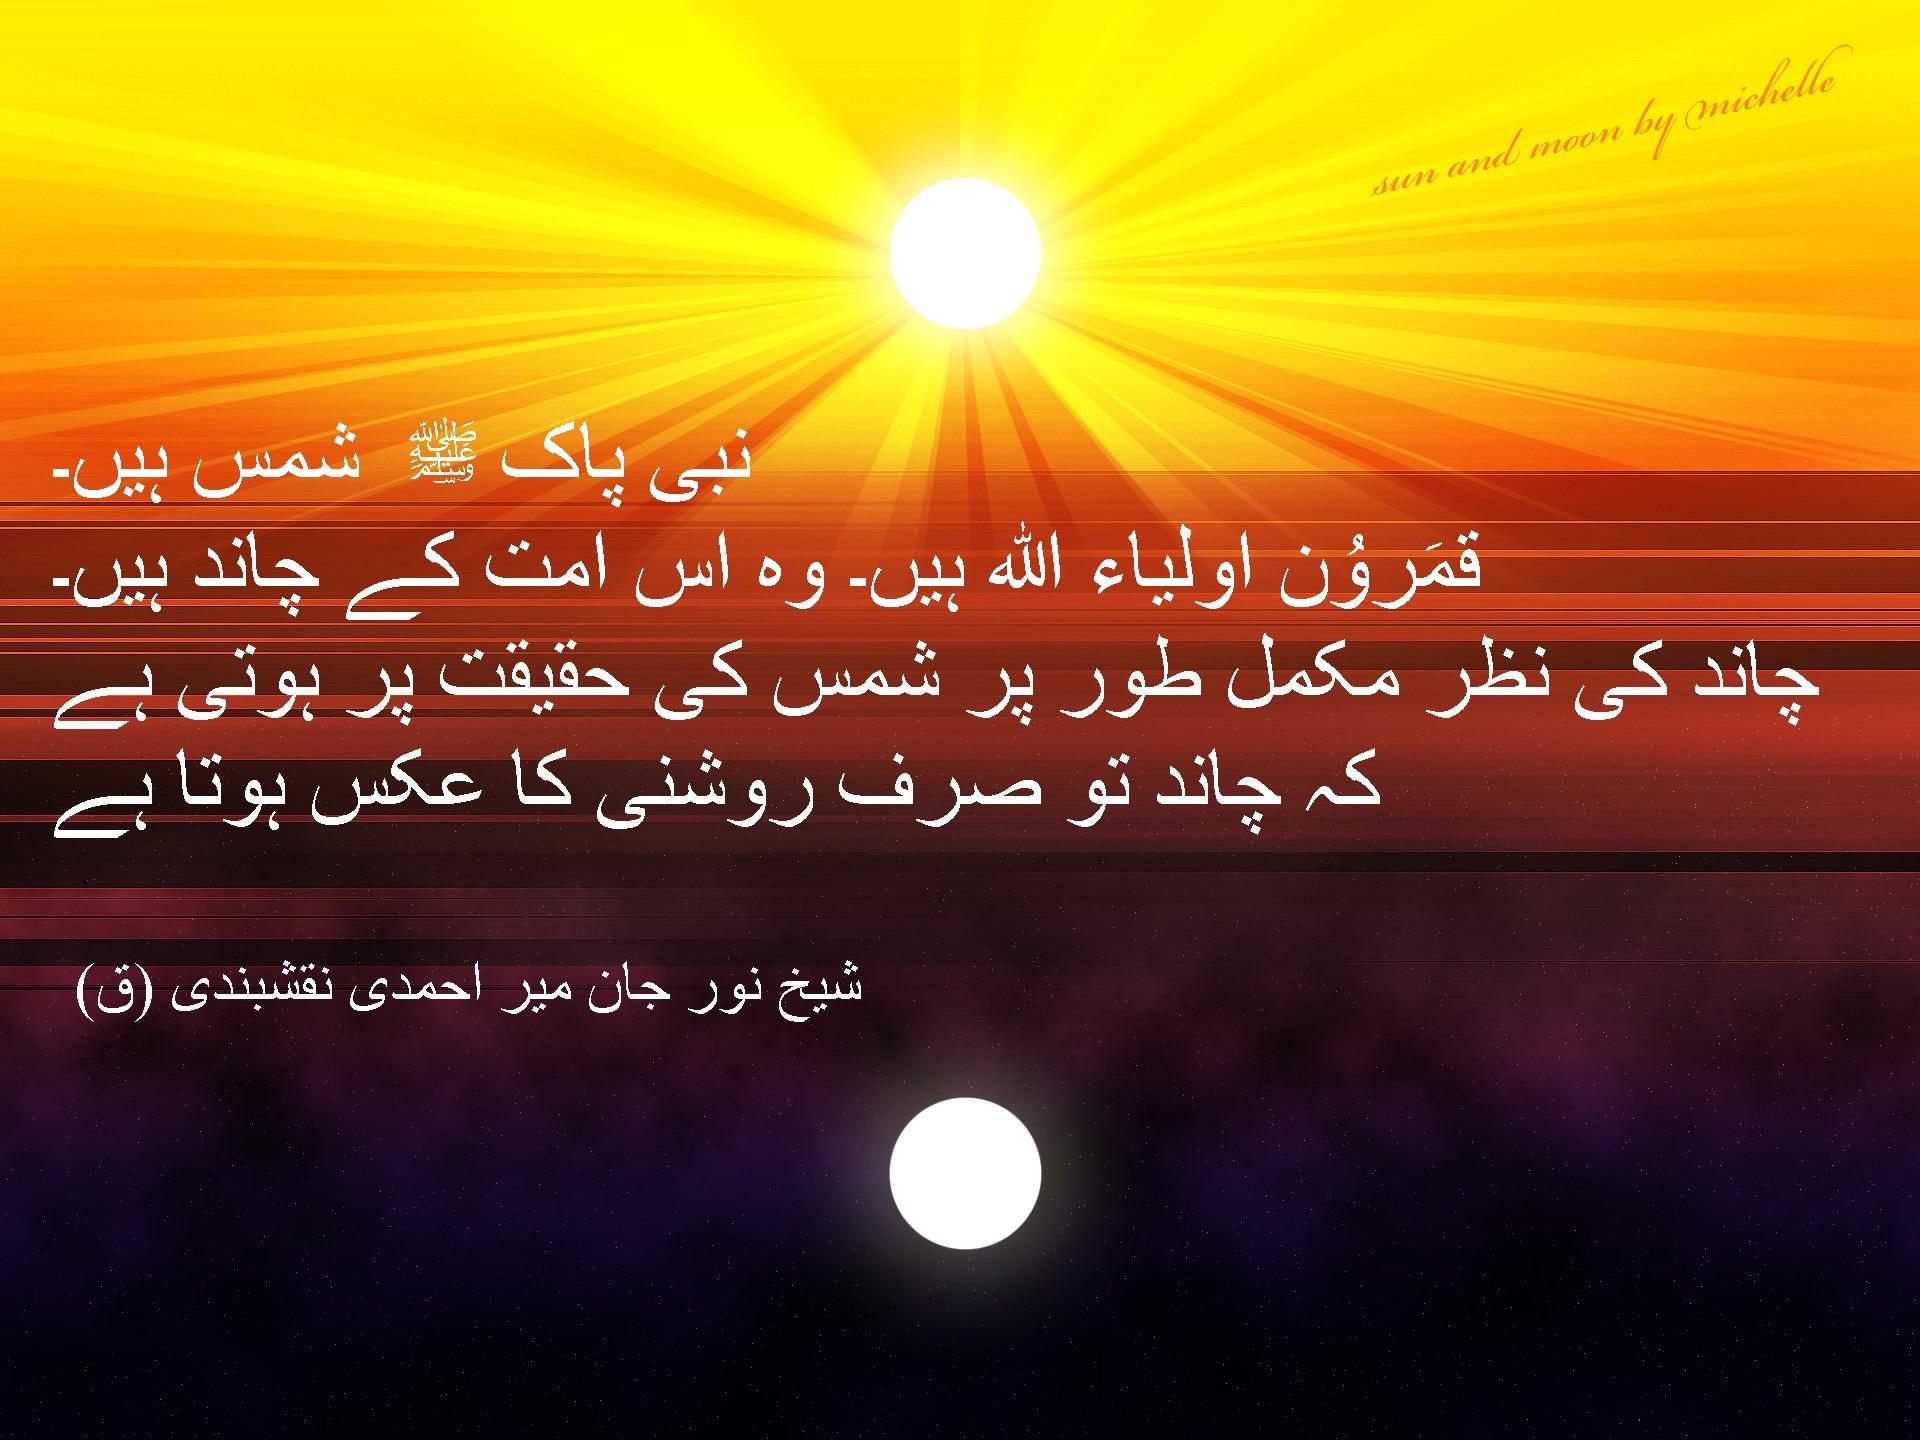 شیخ نور جان میر احمدی نقشبندی (ق) کے 17 نومبر، 2019 کے خطاب سے اقتباس۔  بِسْمِ ا...